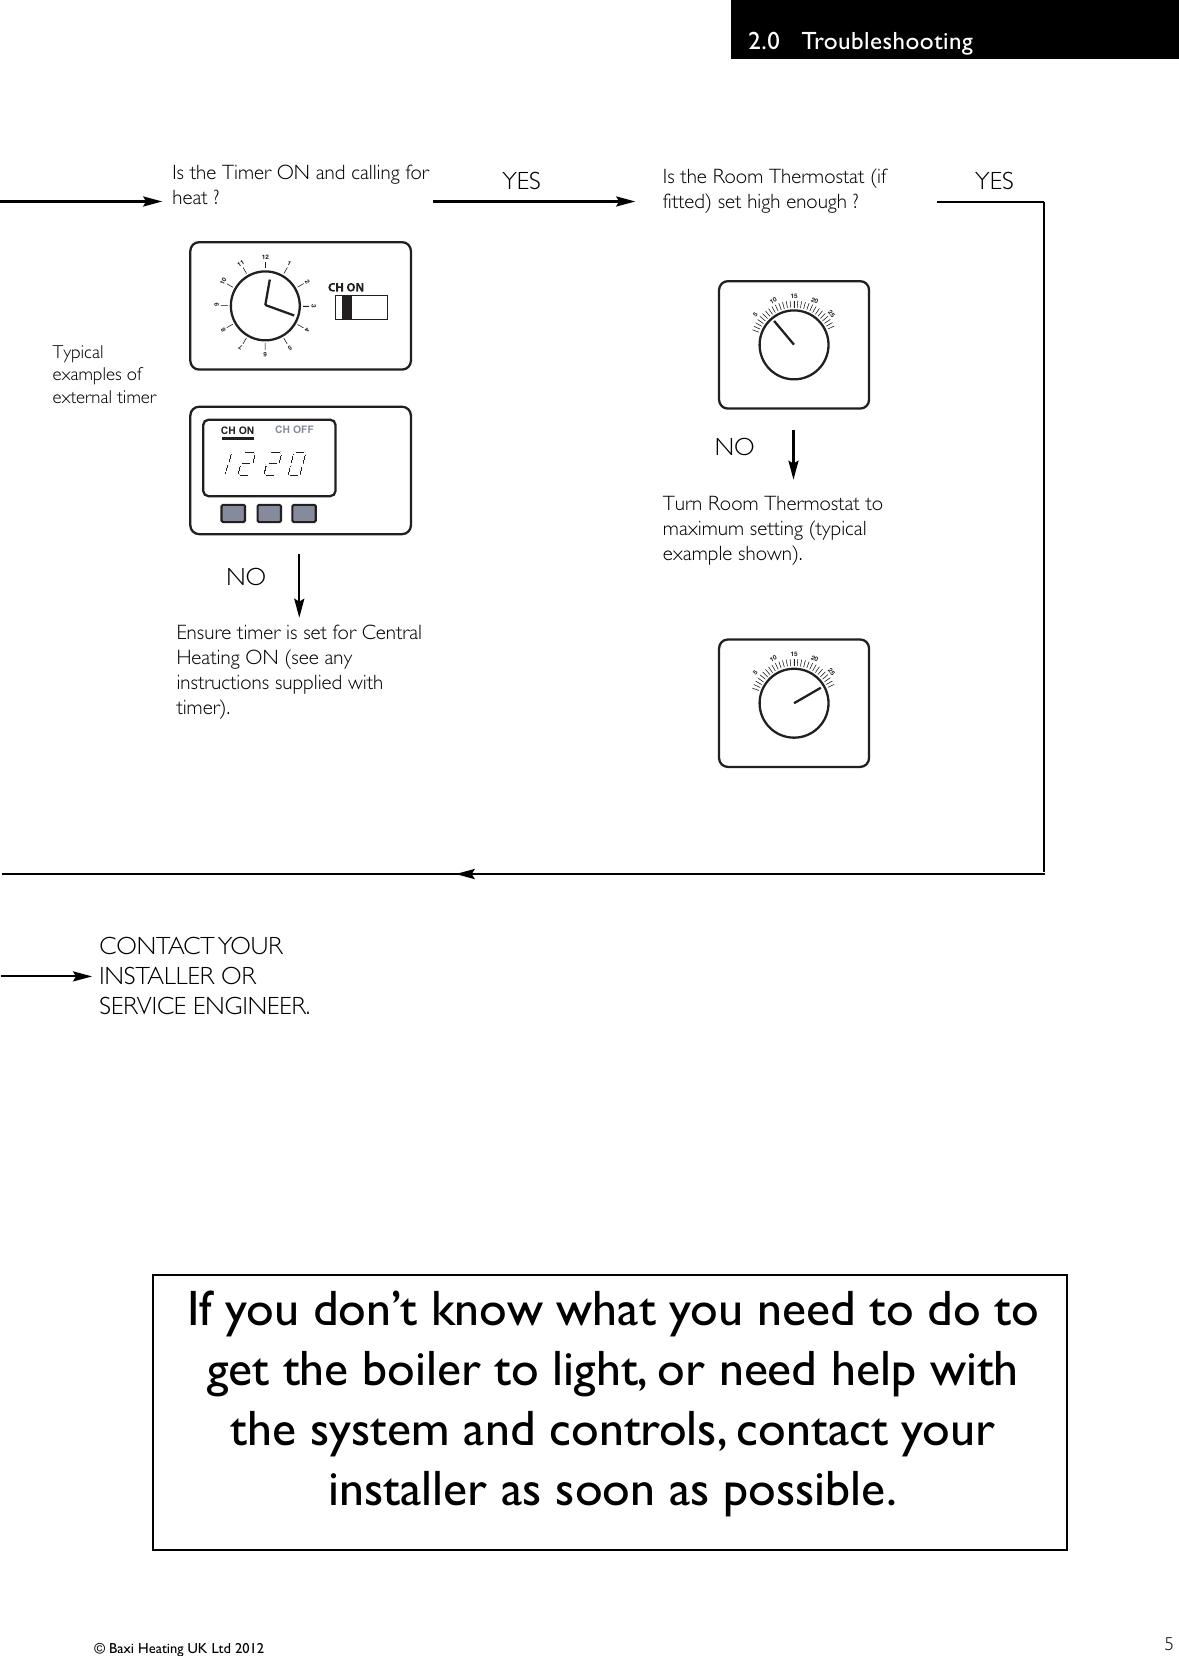 Baxi potterton promax combi 24 he plus a users manual 5114443 user page 5 of 12 baxi potterton baxi potterton promax combi asfbconference2016 Images